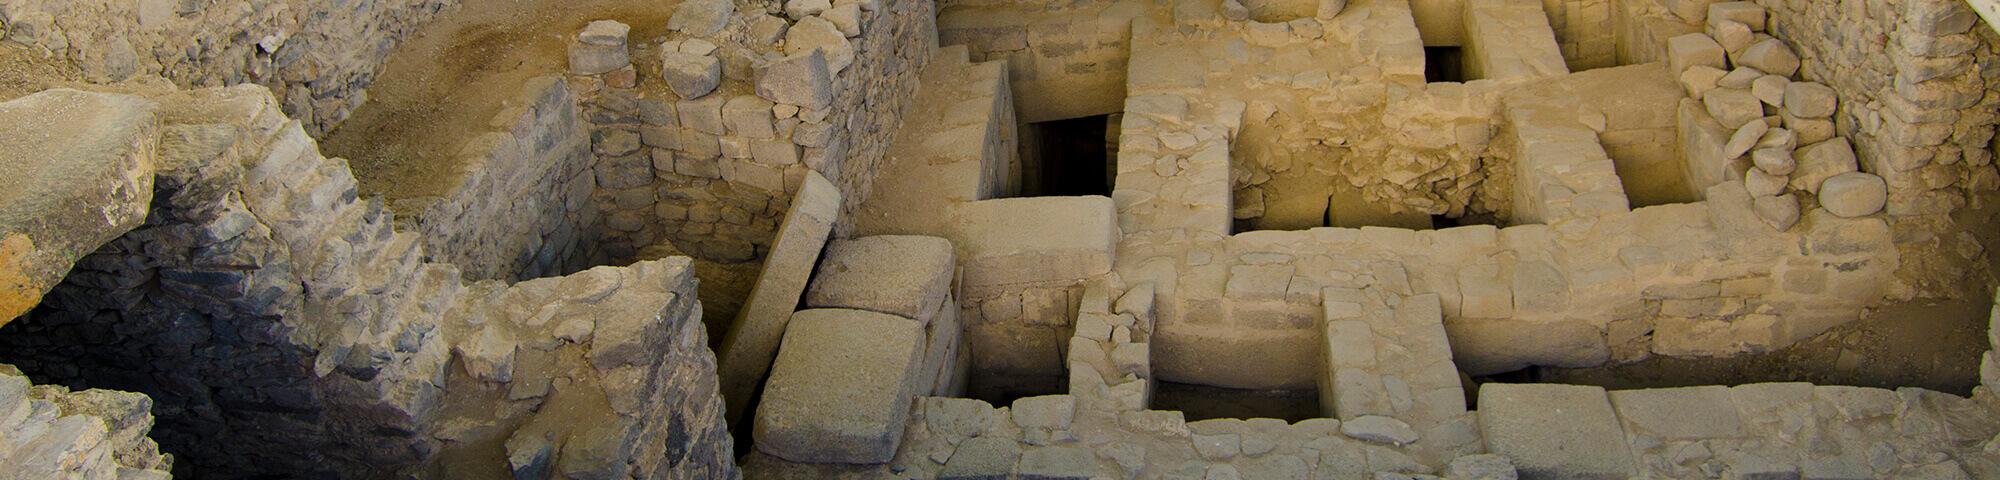 Complejo arqueológico de Wari